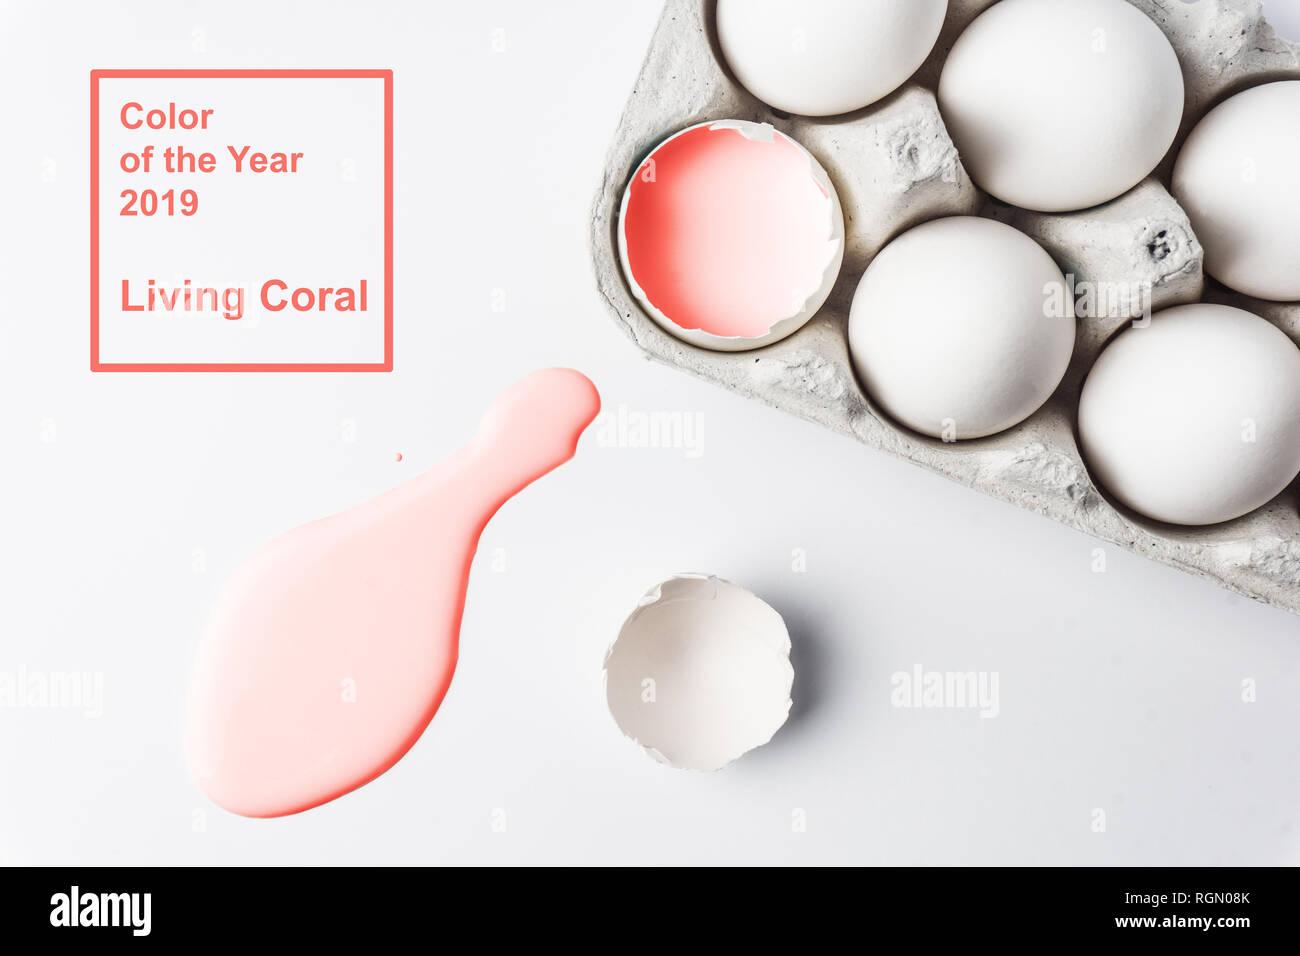 De coraux vivants concept minimal. Couleur de l'année 2019 concept. 2019 texture peinture corail vivant. Fond rose Photo Stock